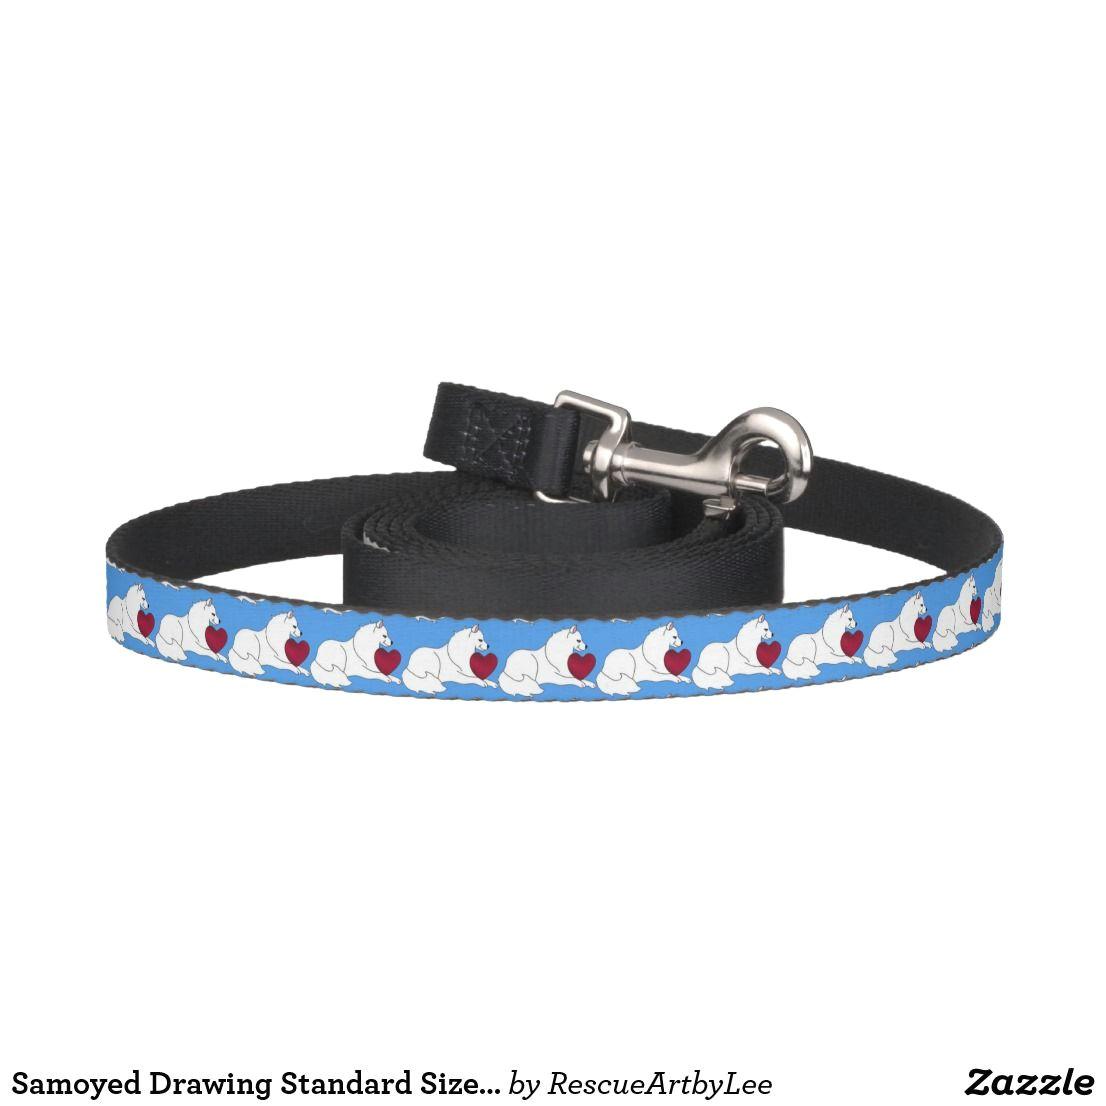 samoyed drawing standard size dog leash black pet leash